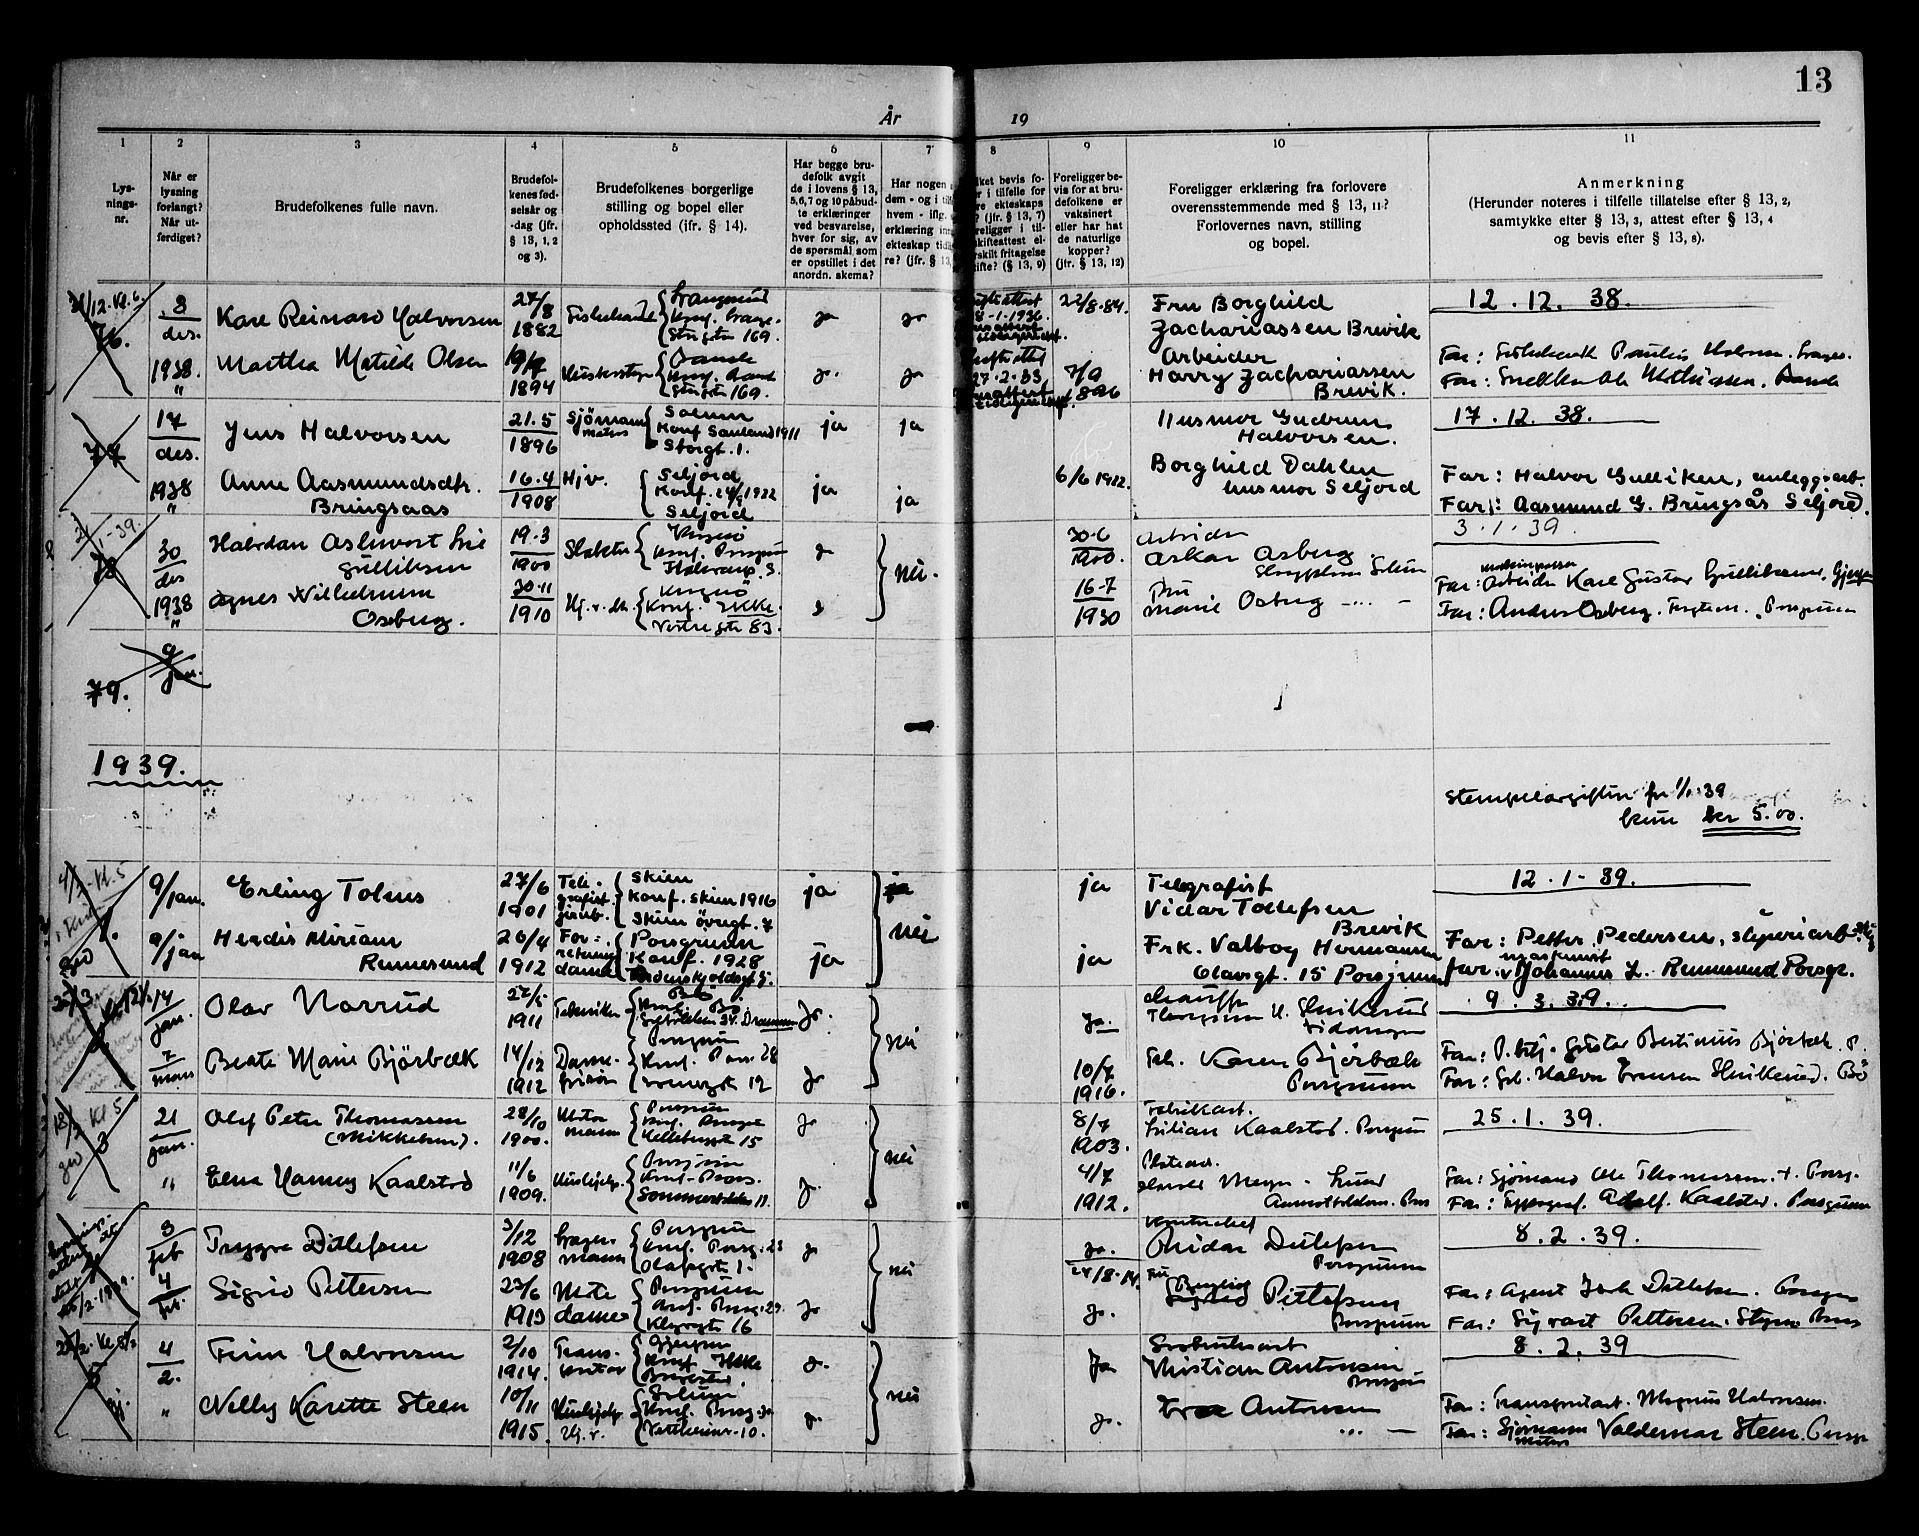 SAKO, Porsgrunn kirkebøker , H/Ha/L0002: Lysningsprotokoll nr. 2, 1937-1952, s. 13